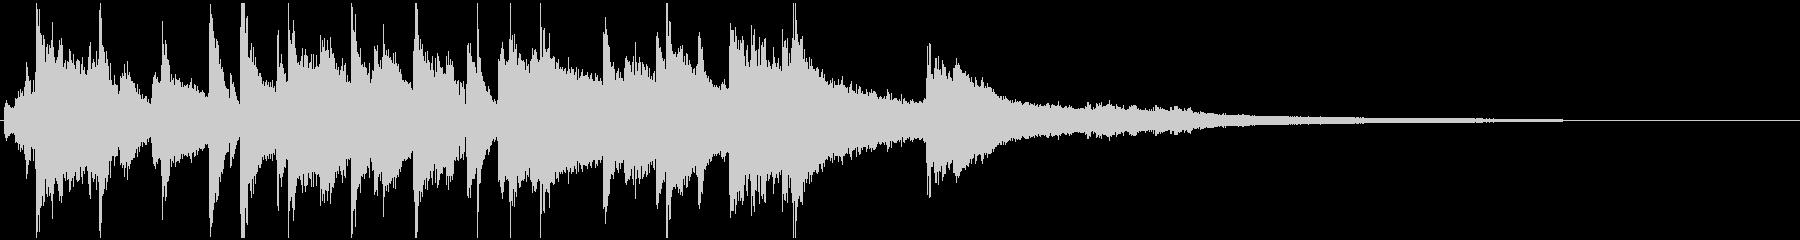 ラジオジングルの未再生の波形